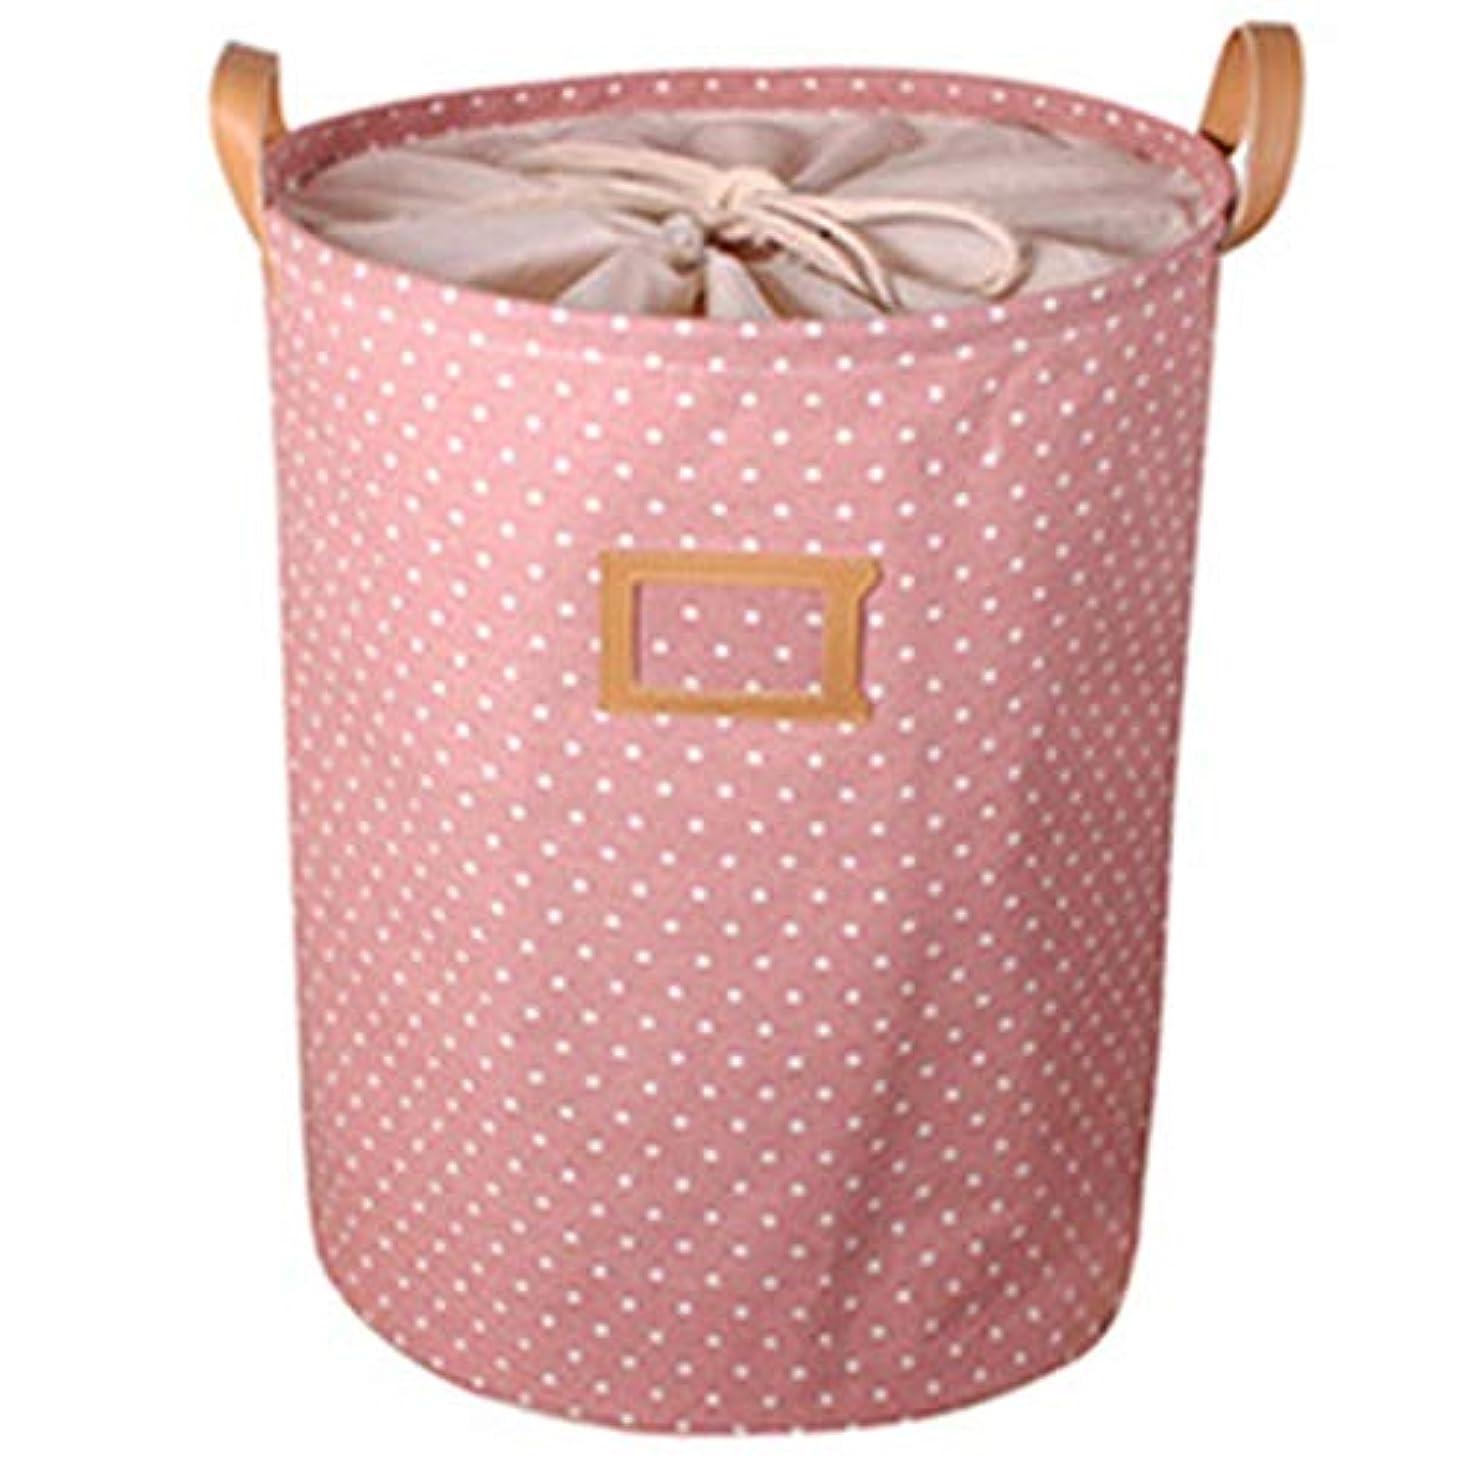 RETYLY 防水、ランドリーのバスケット、ギフトバッグ、服の収納バスケット、ホ家庭用洋服のバケツ、子供のおもちゃの収納用ランドリーバスケット、ピンク